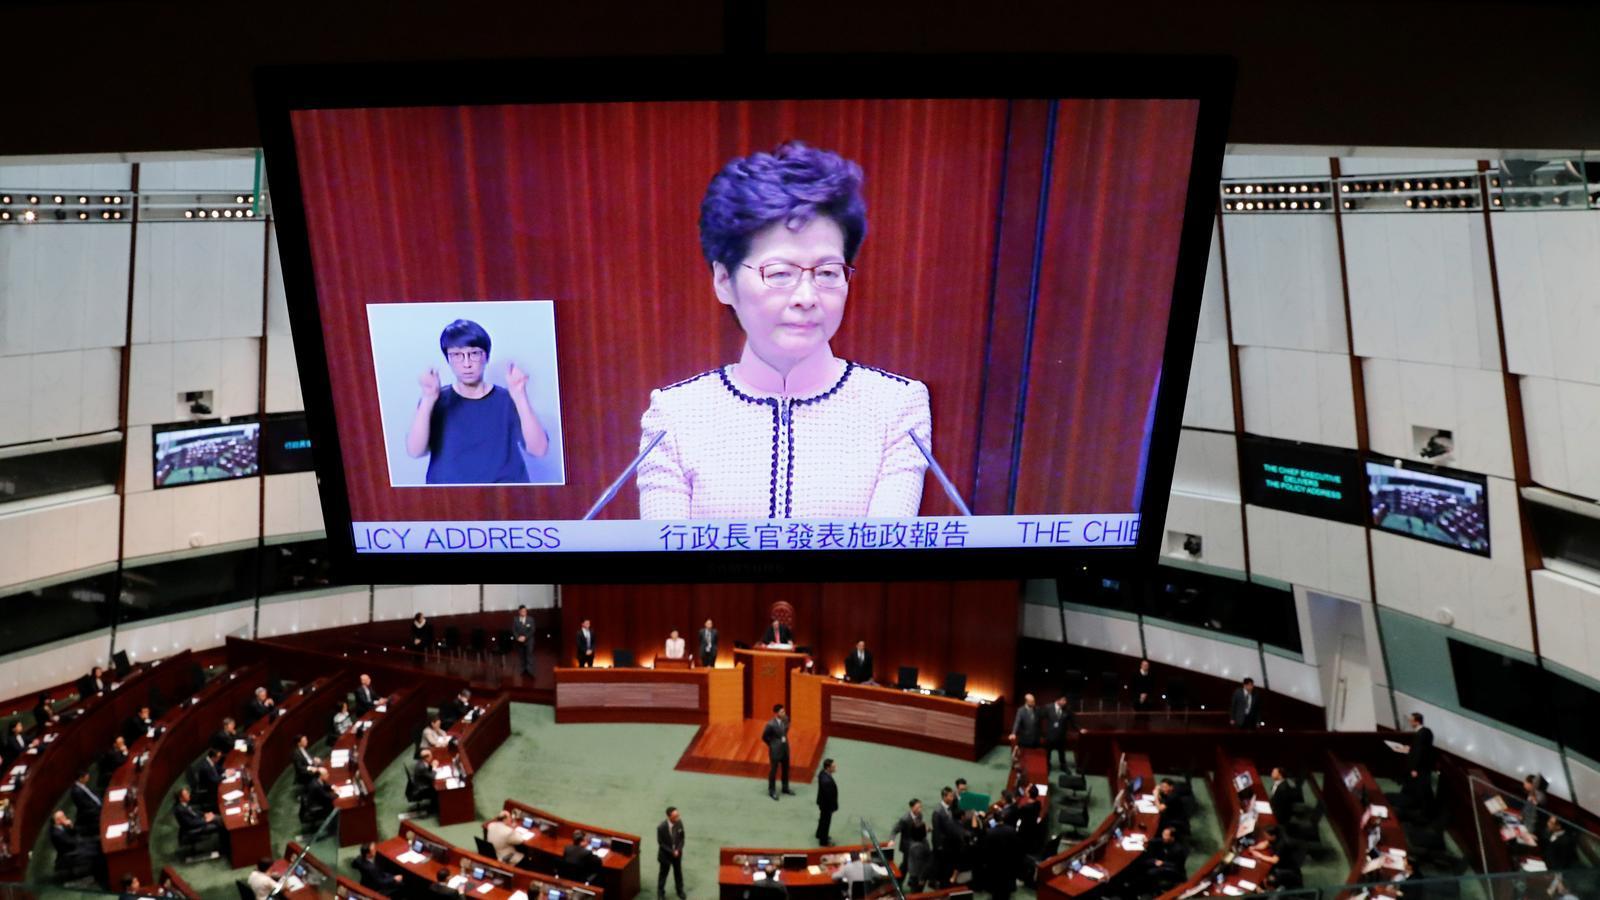 La cap de l'executiu de Hong Kong, forçada a interrompre el seu discurs al Parlament.